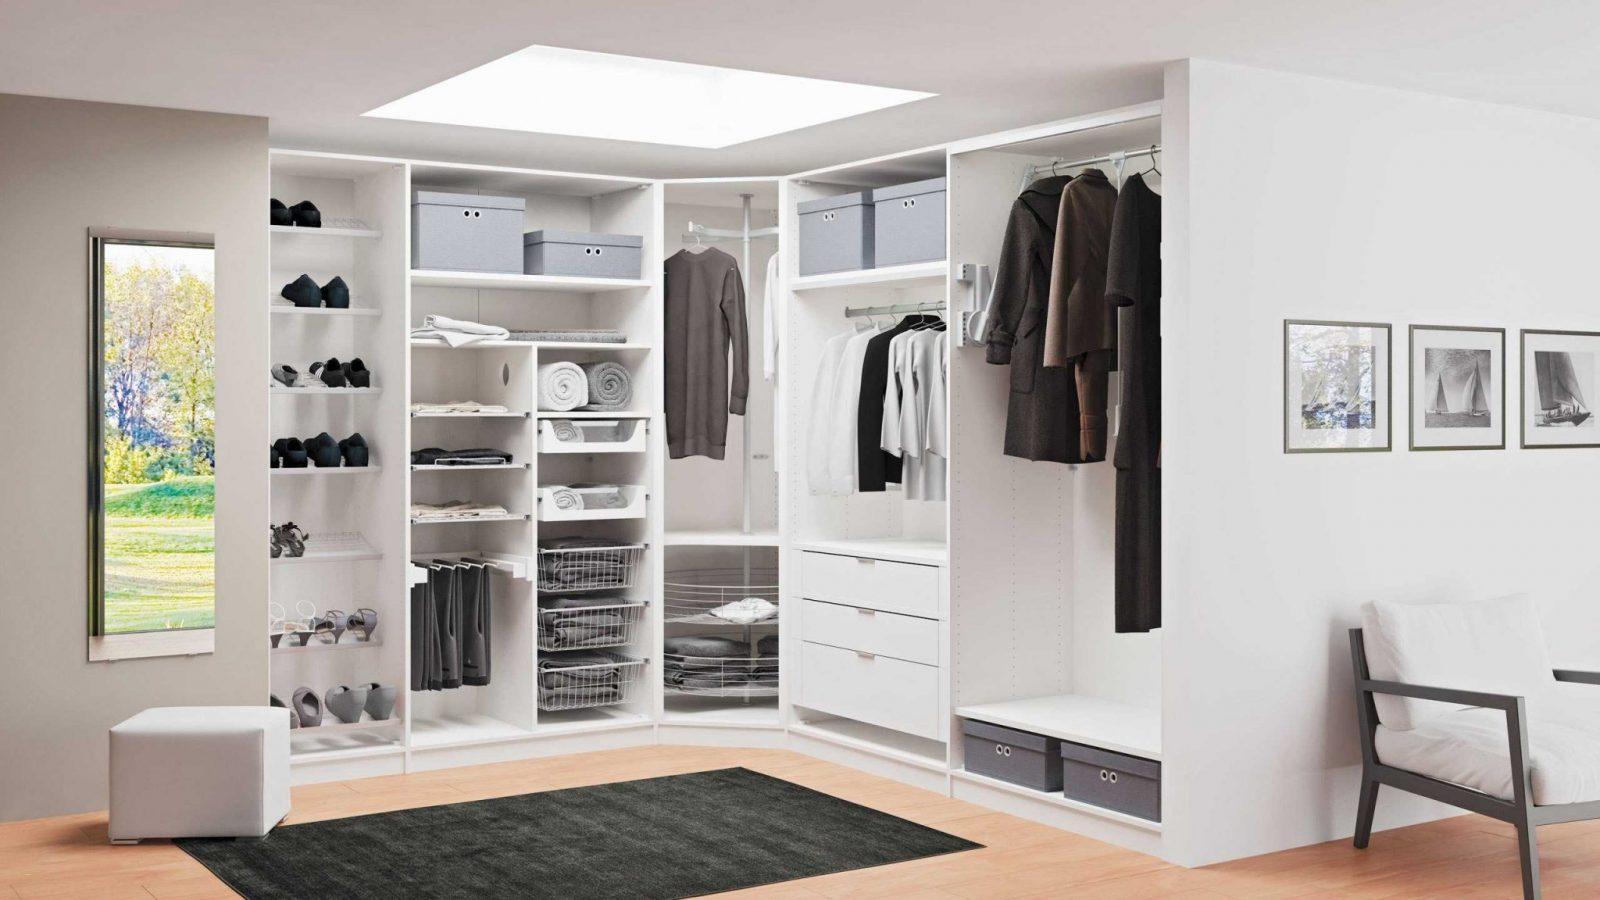 Ikea Begehbarer Kleiderschrank  Fkh von Begehbarer Kleiderschrank Ikea Stolmen Photo